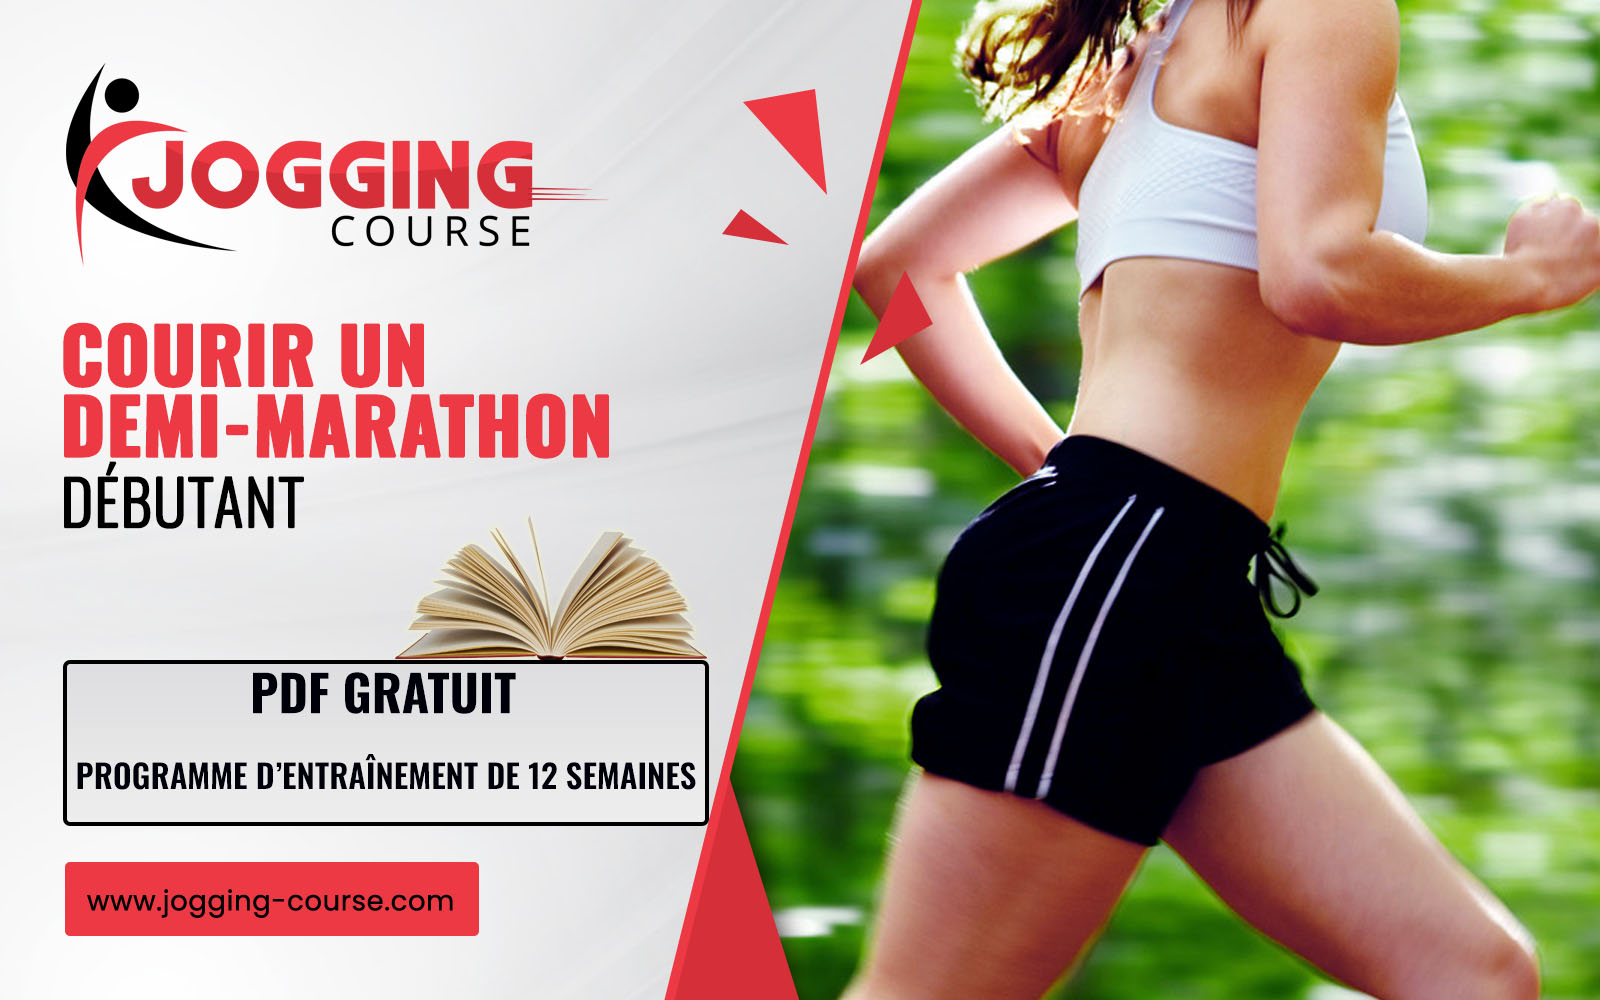 programme de course à pied demi-marathon coureur débutant pdf gratuit Jogging-Course